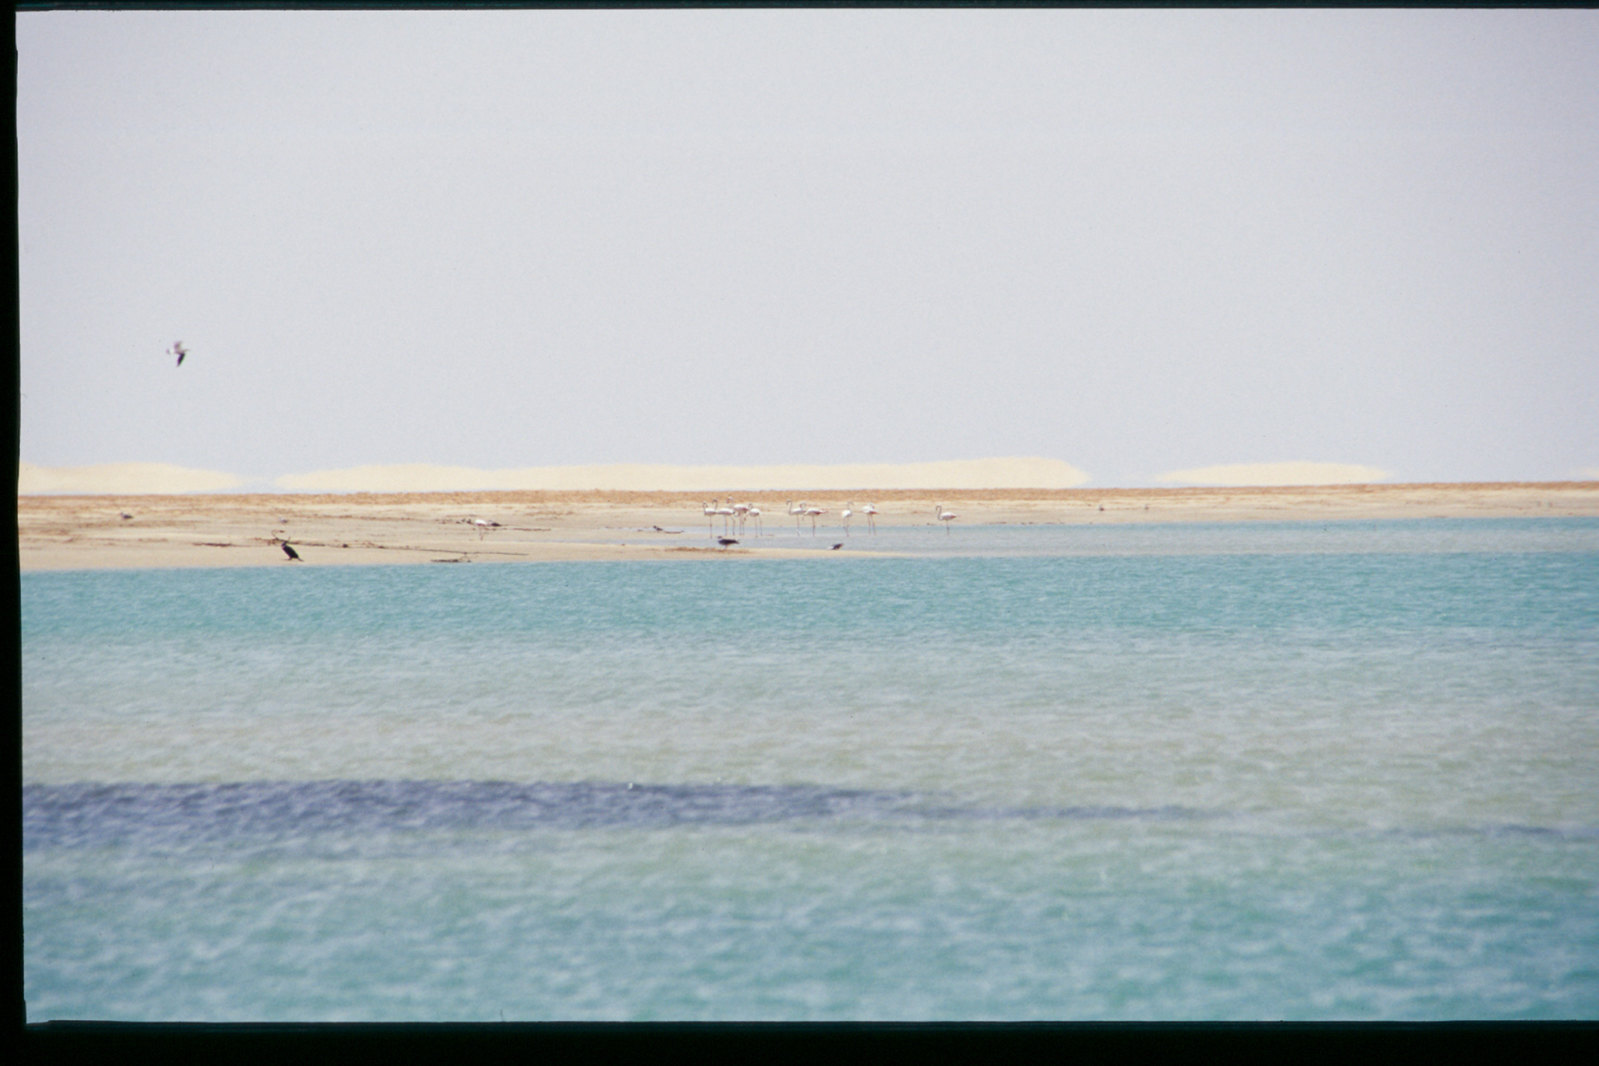 Mauritanie - Banc d'Arguin - Le désert et la mer